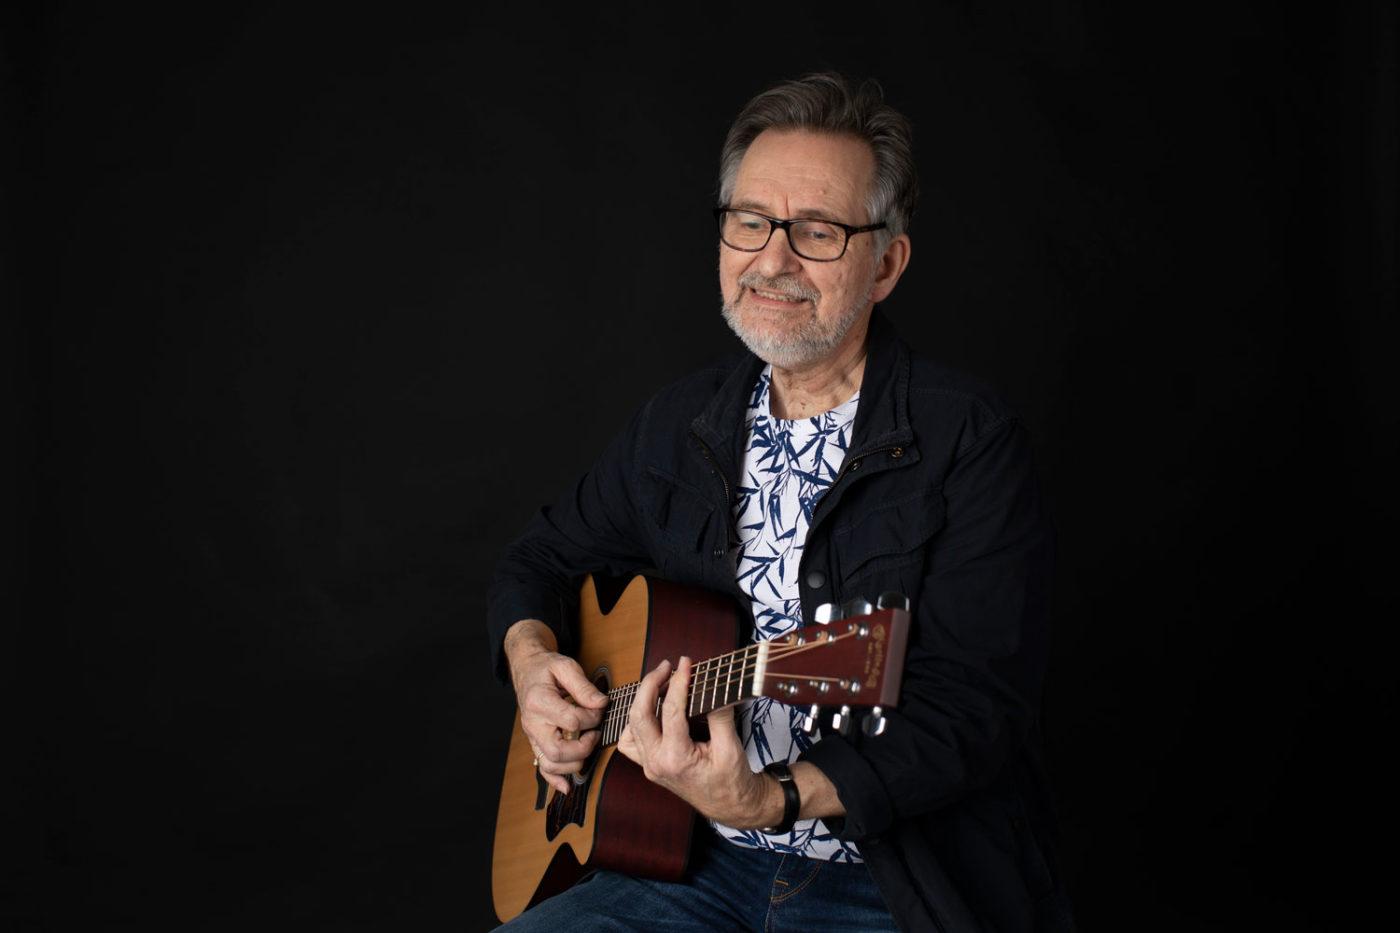 Portrett musiker Halvdan med gitar